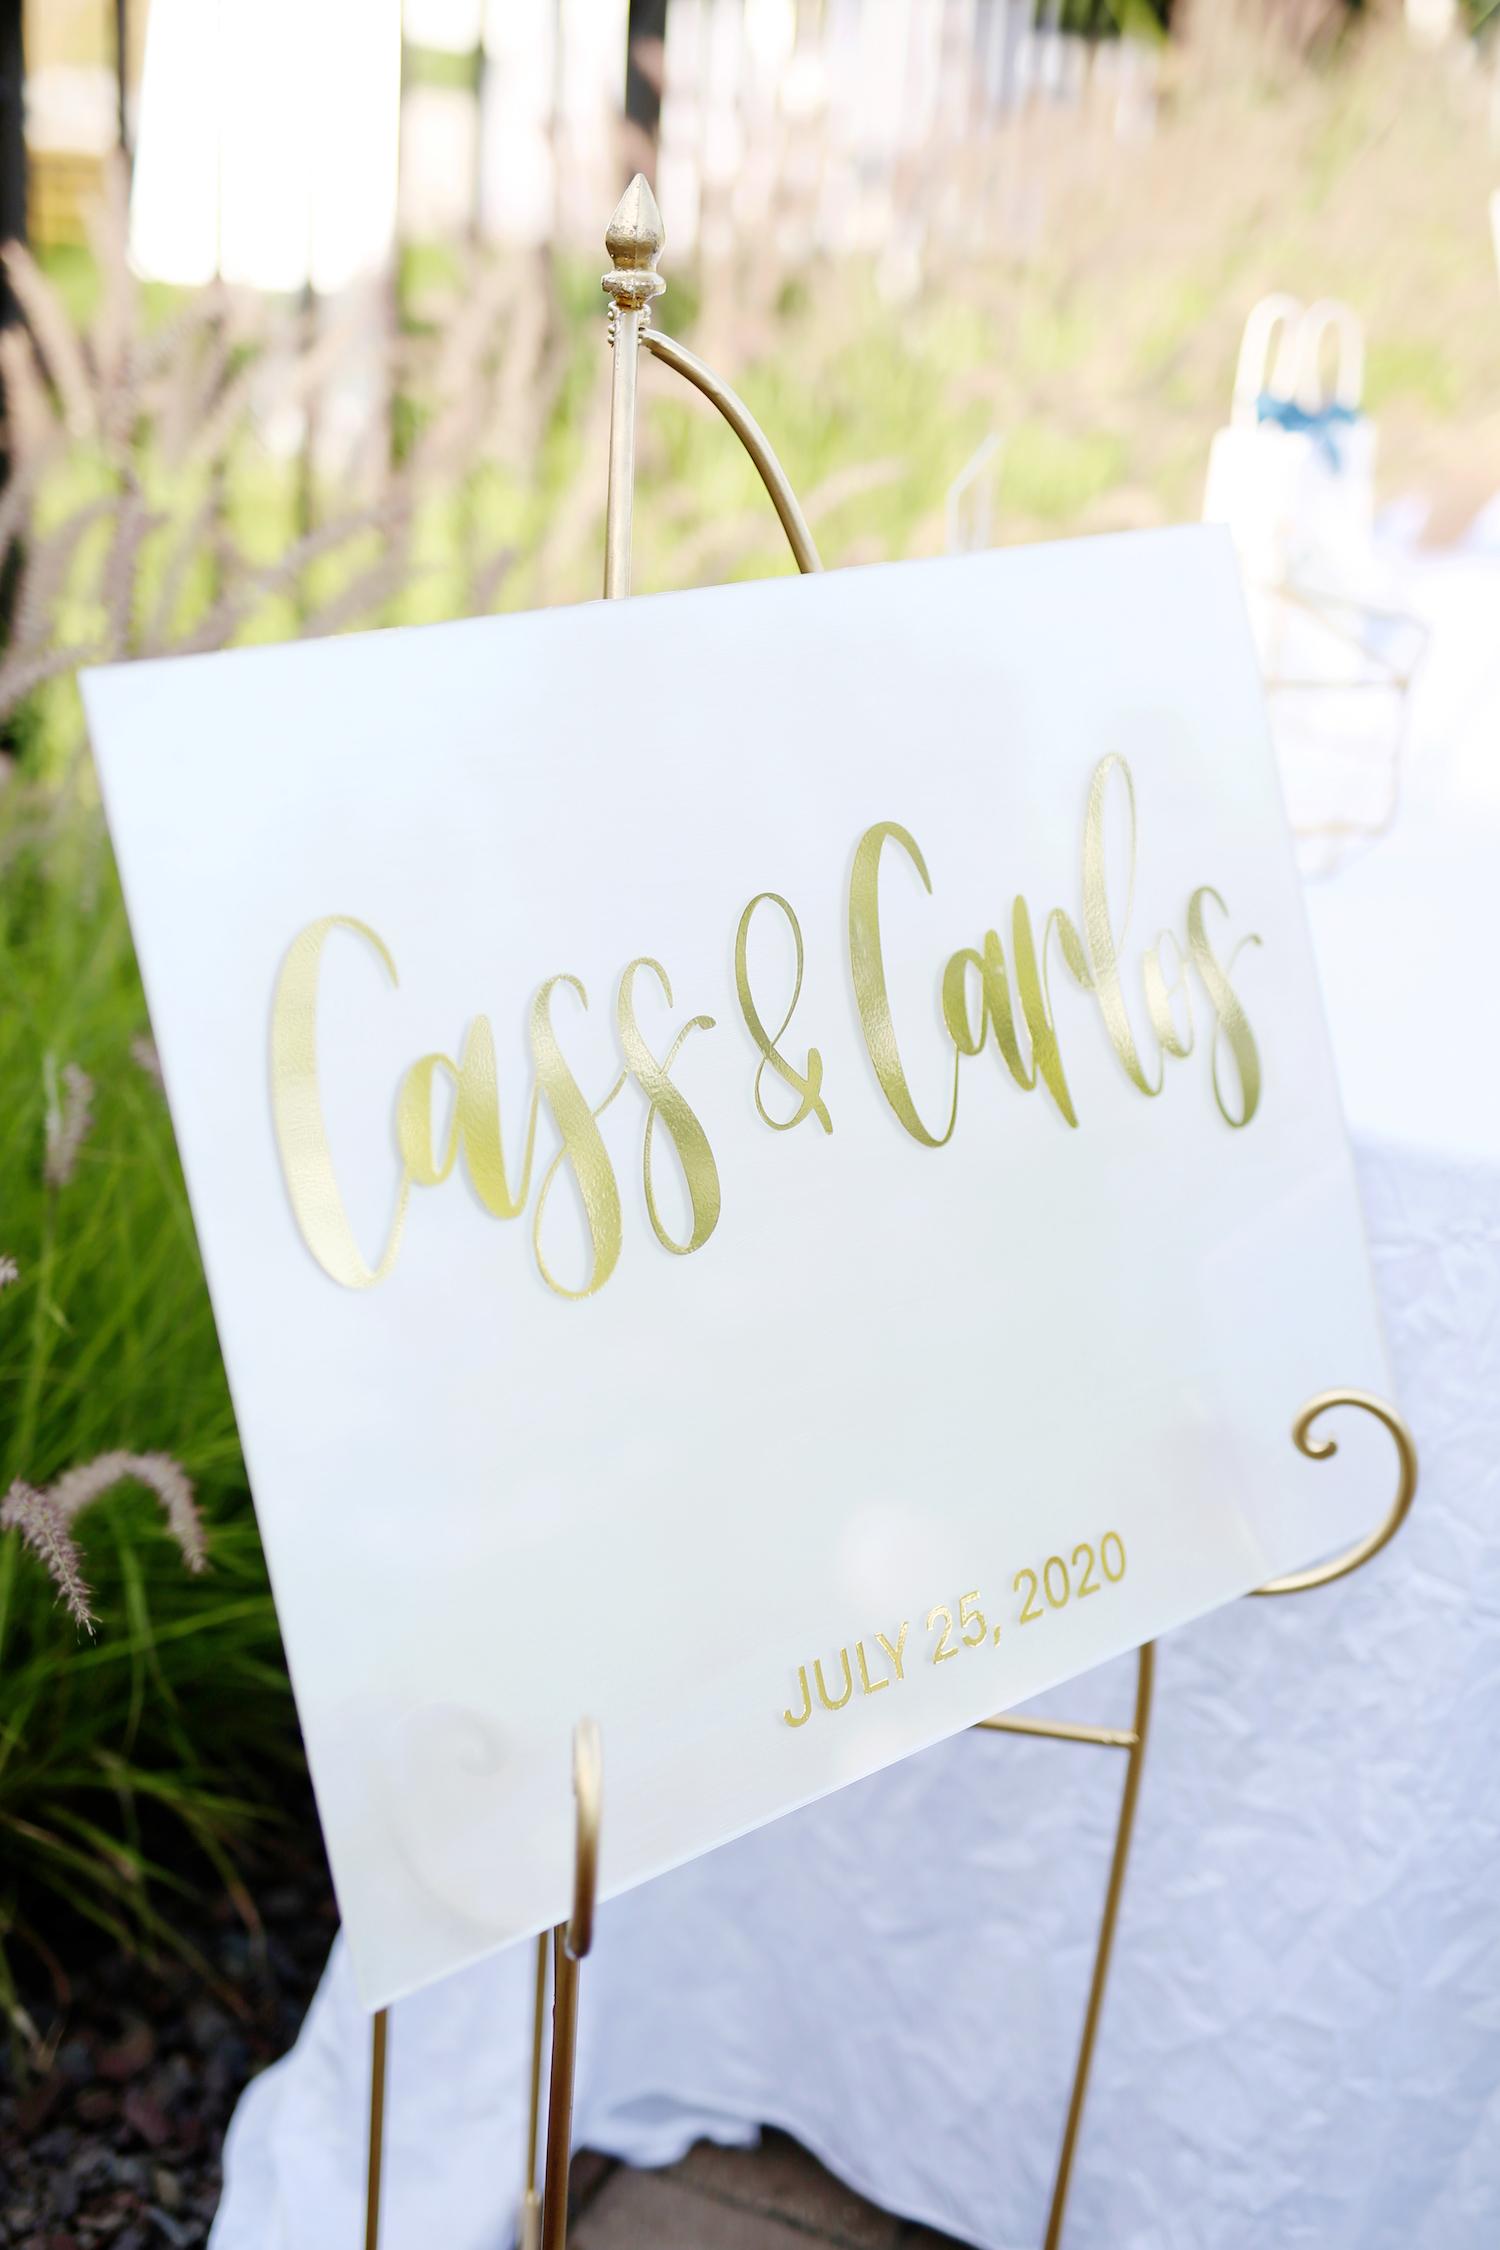 Cass & Carlos sign at kalamazoo michigan wedding